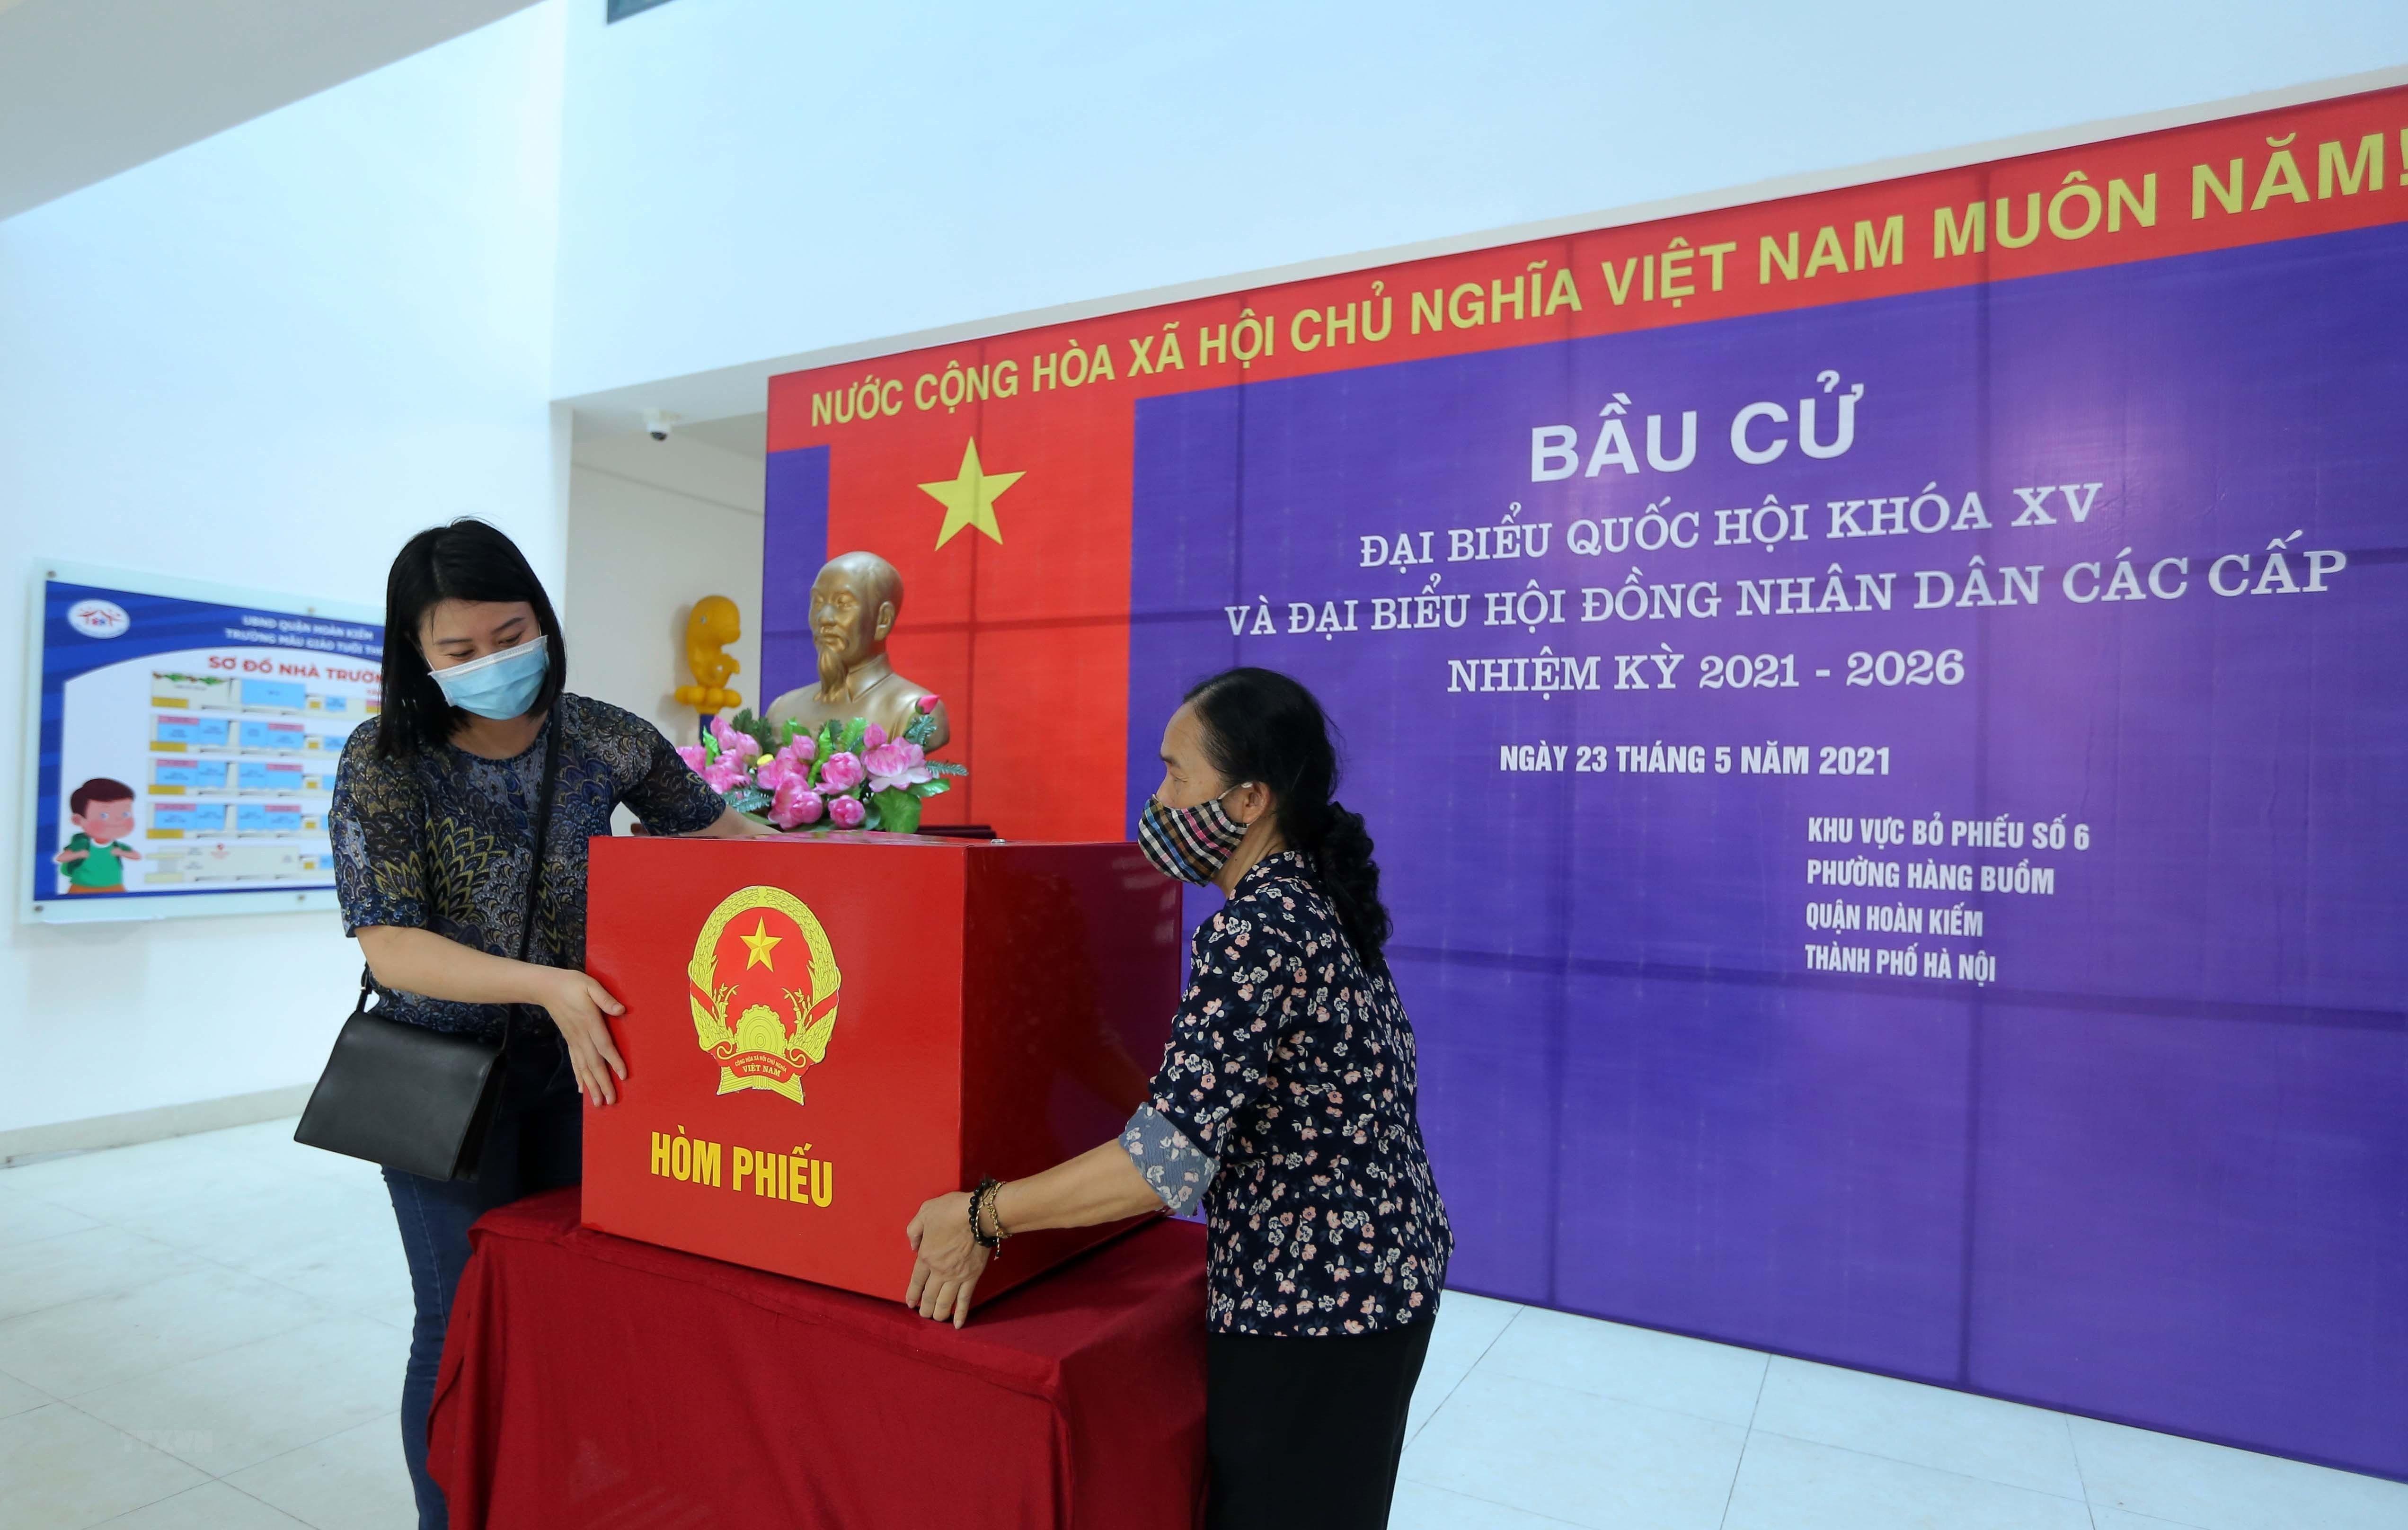 [Photo] Ha Noi chuan bi san sang cho ngay bau cu Quoc hoi hinh anh 4